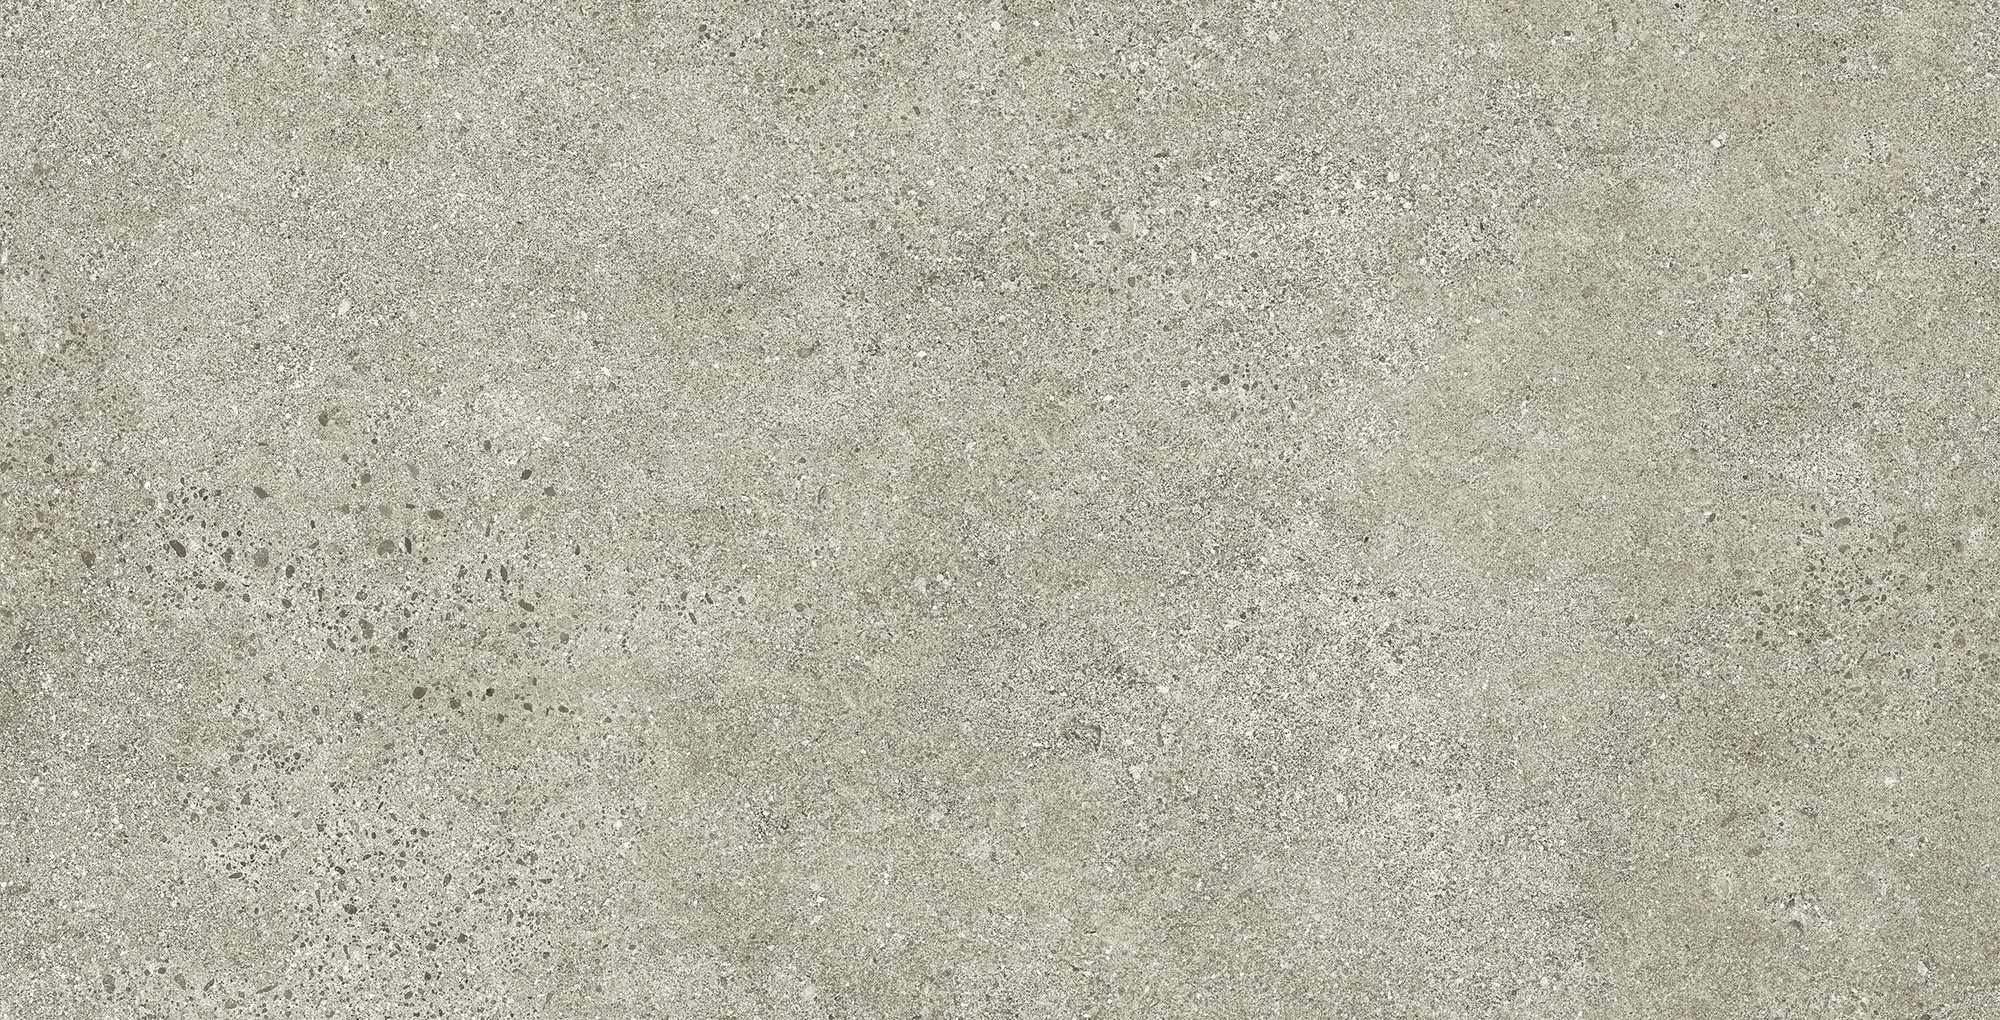 0099655, Deep, Harmaa, lattia,pakkasenkesto,liukastumisenesto,uimahalli